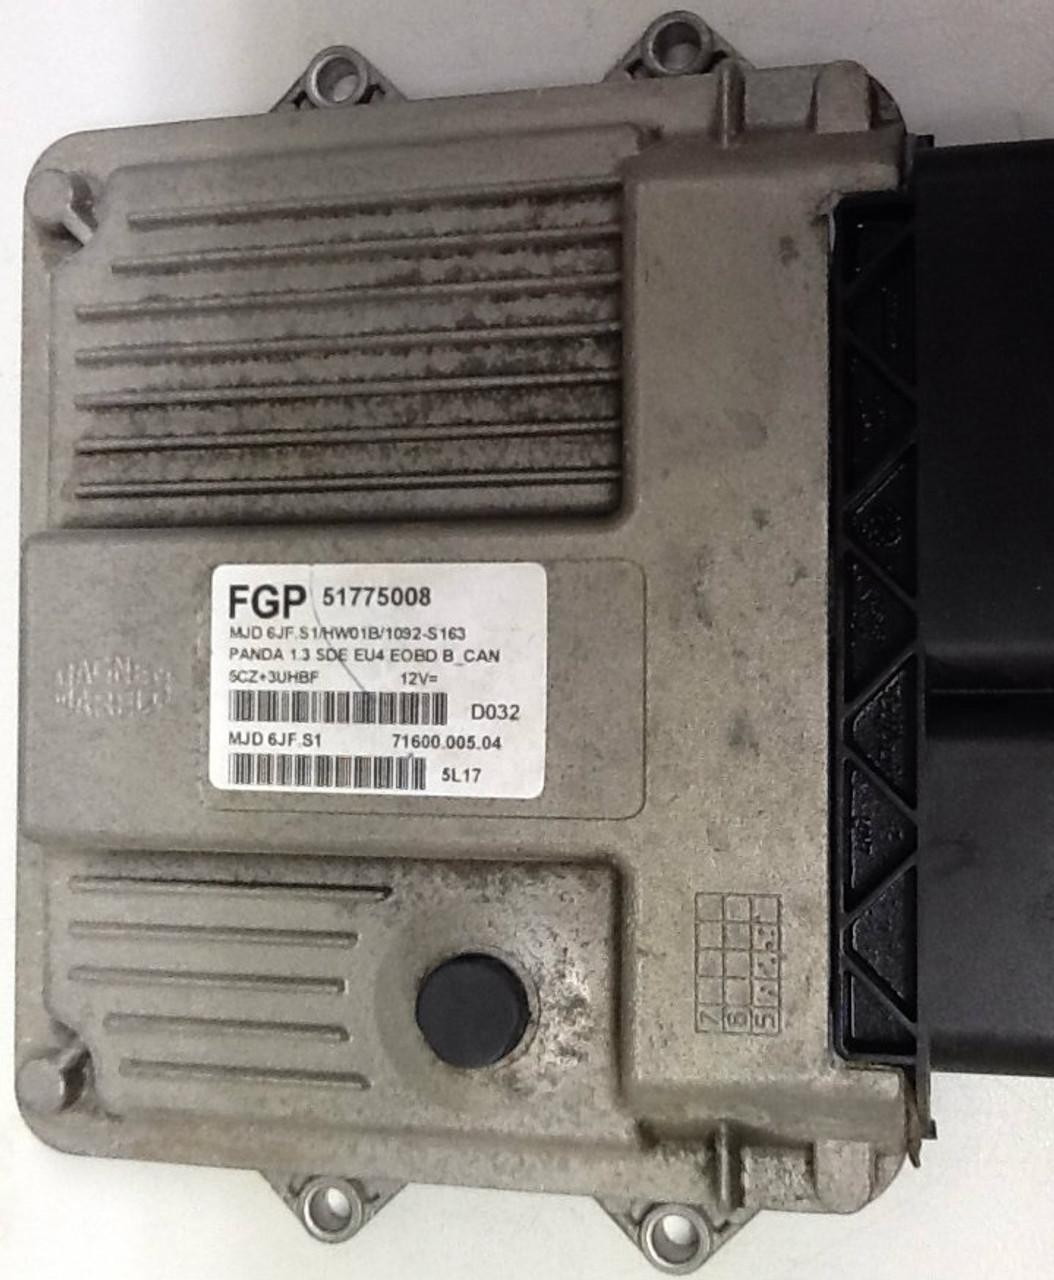 Fiat Panda 1.3 MJD 6JF.S1 71600.005.04 51775008 FGP